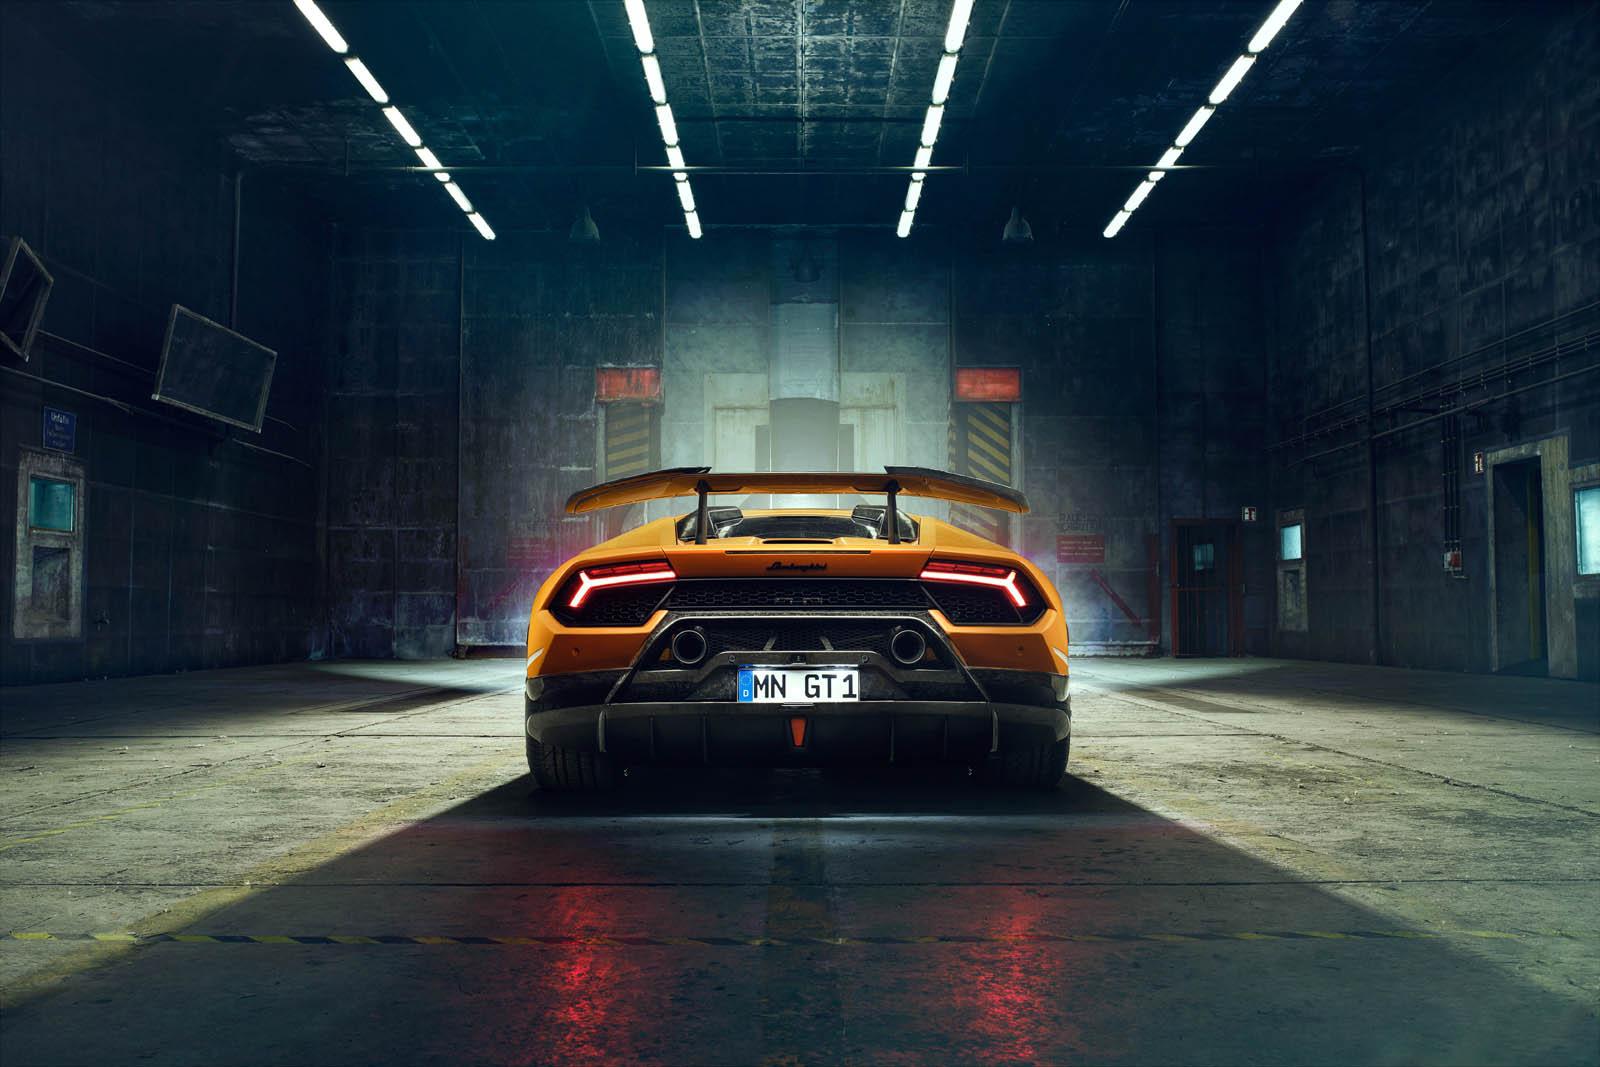 2018 NOVITEC Lamborghini Huracán Performante Rear Wallpaper (11)